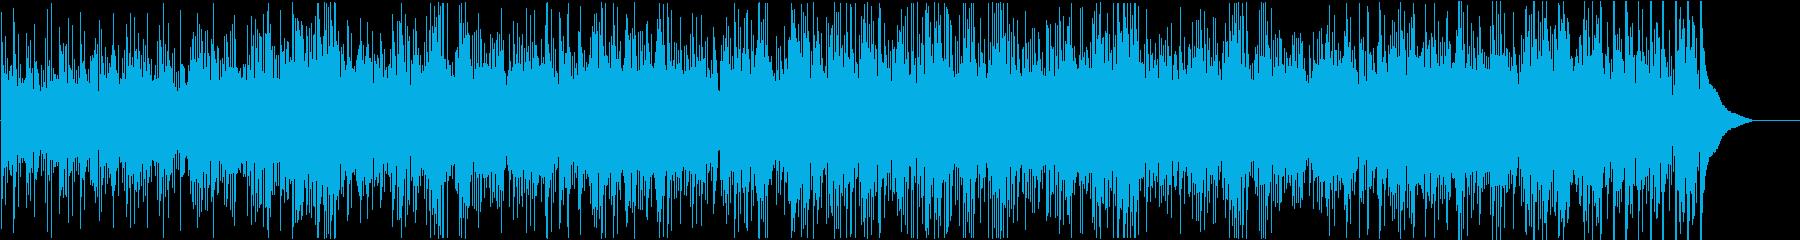 【生演奏】アコギが爽やかな明るいBGMの再生済みの波形